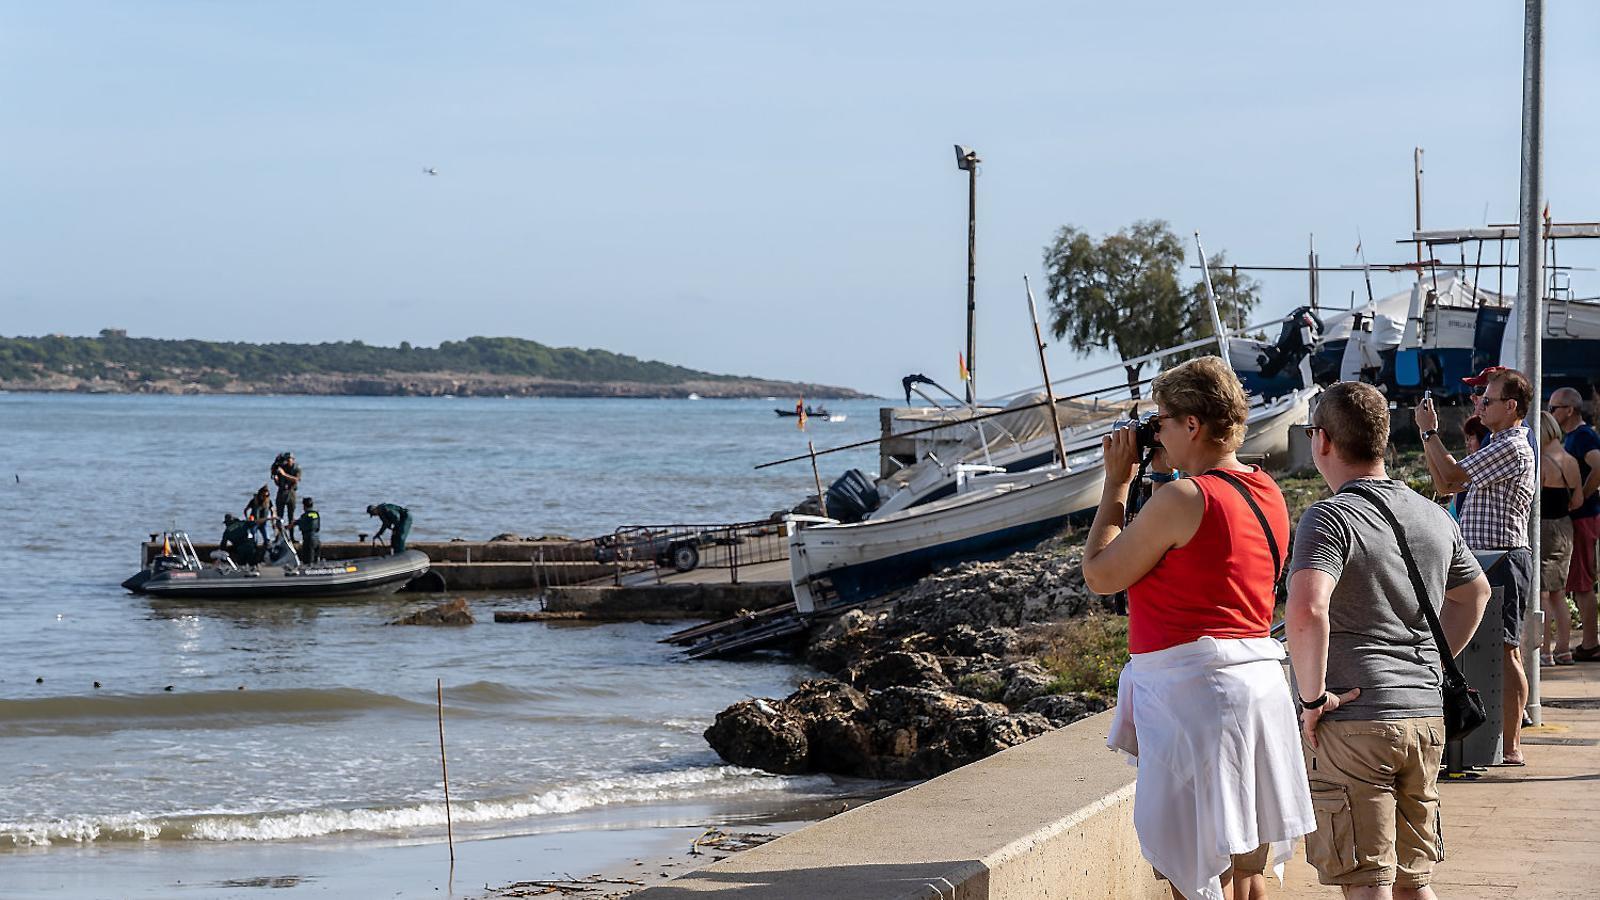 Dos turistes a la platja del municipi turístic de s'Illot observen una llanxa de la Guàrdia Civil que fa tasques de recerca dels desapareguts.